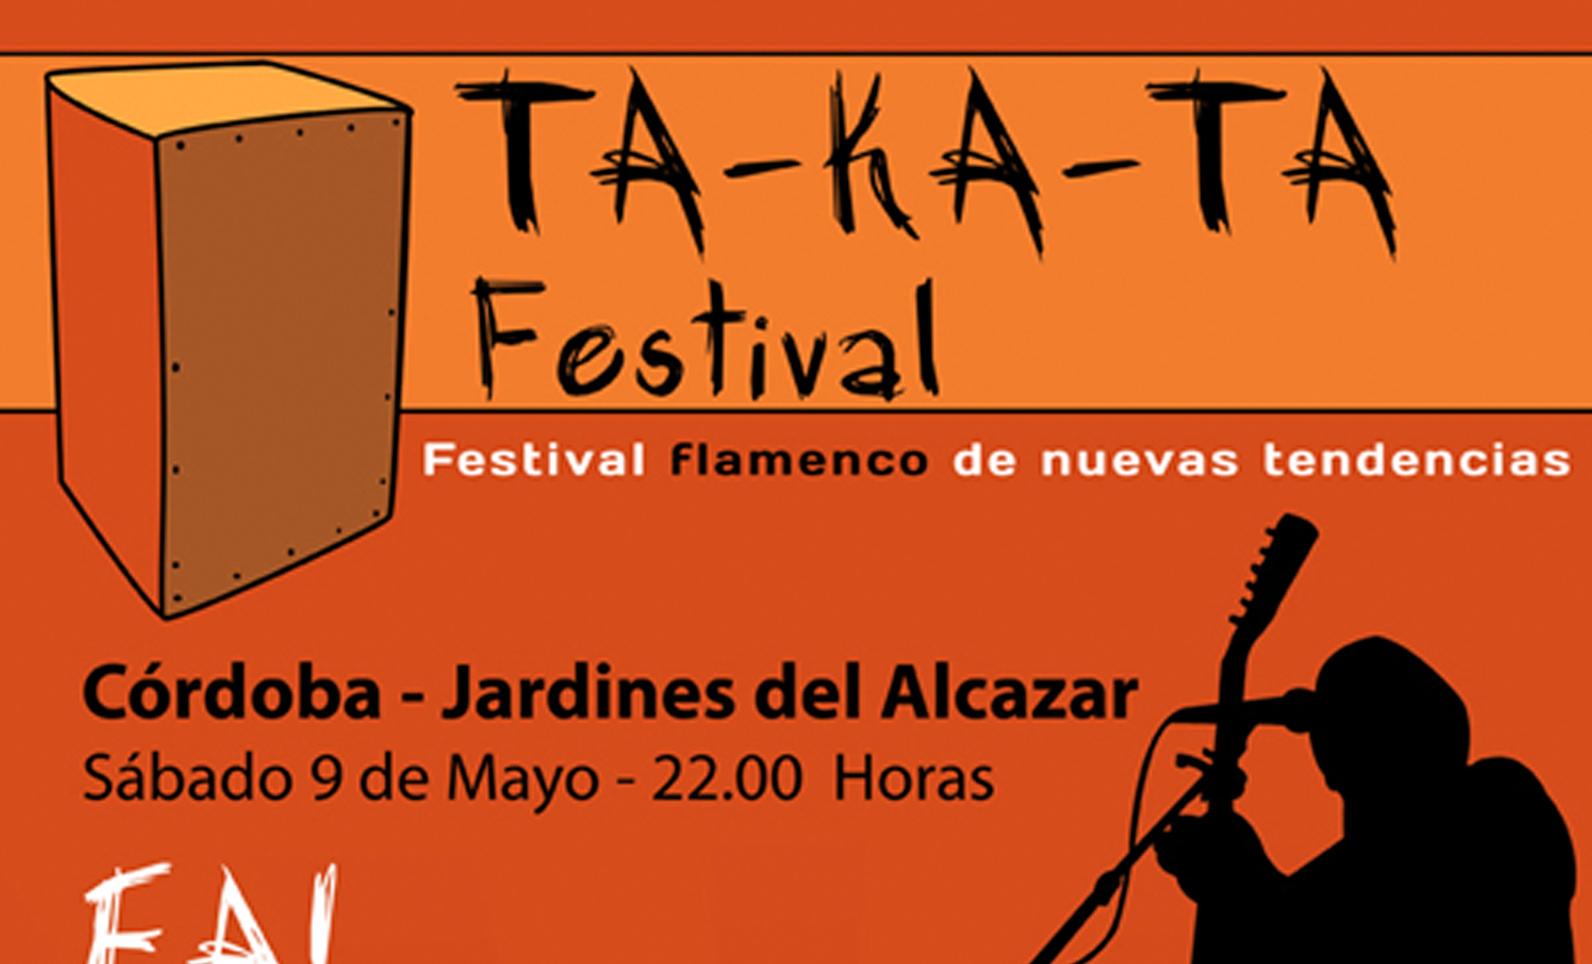 Takata Festival